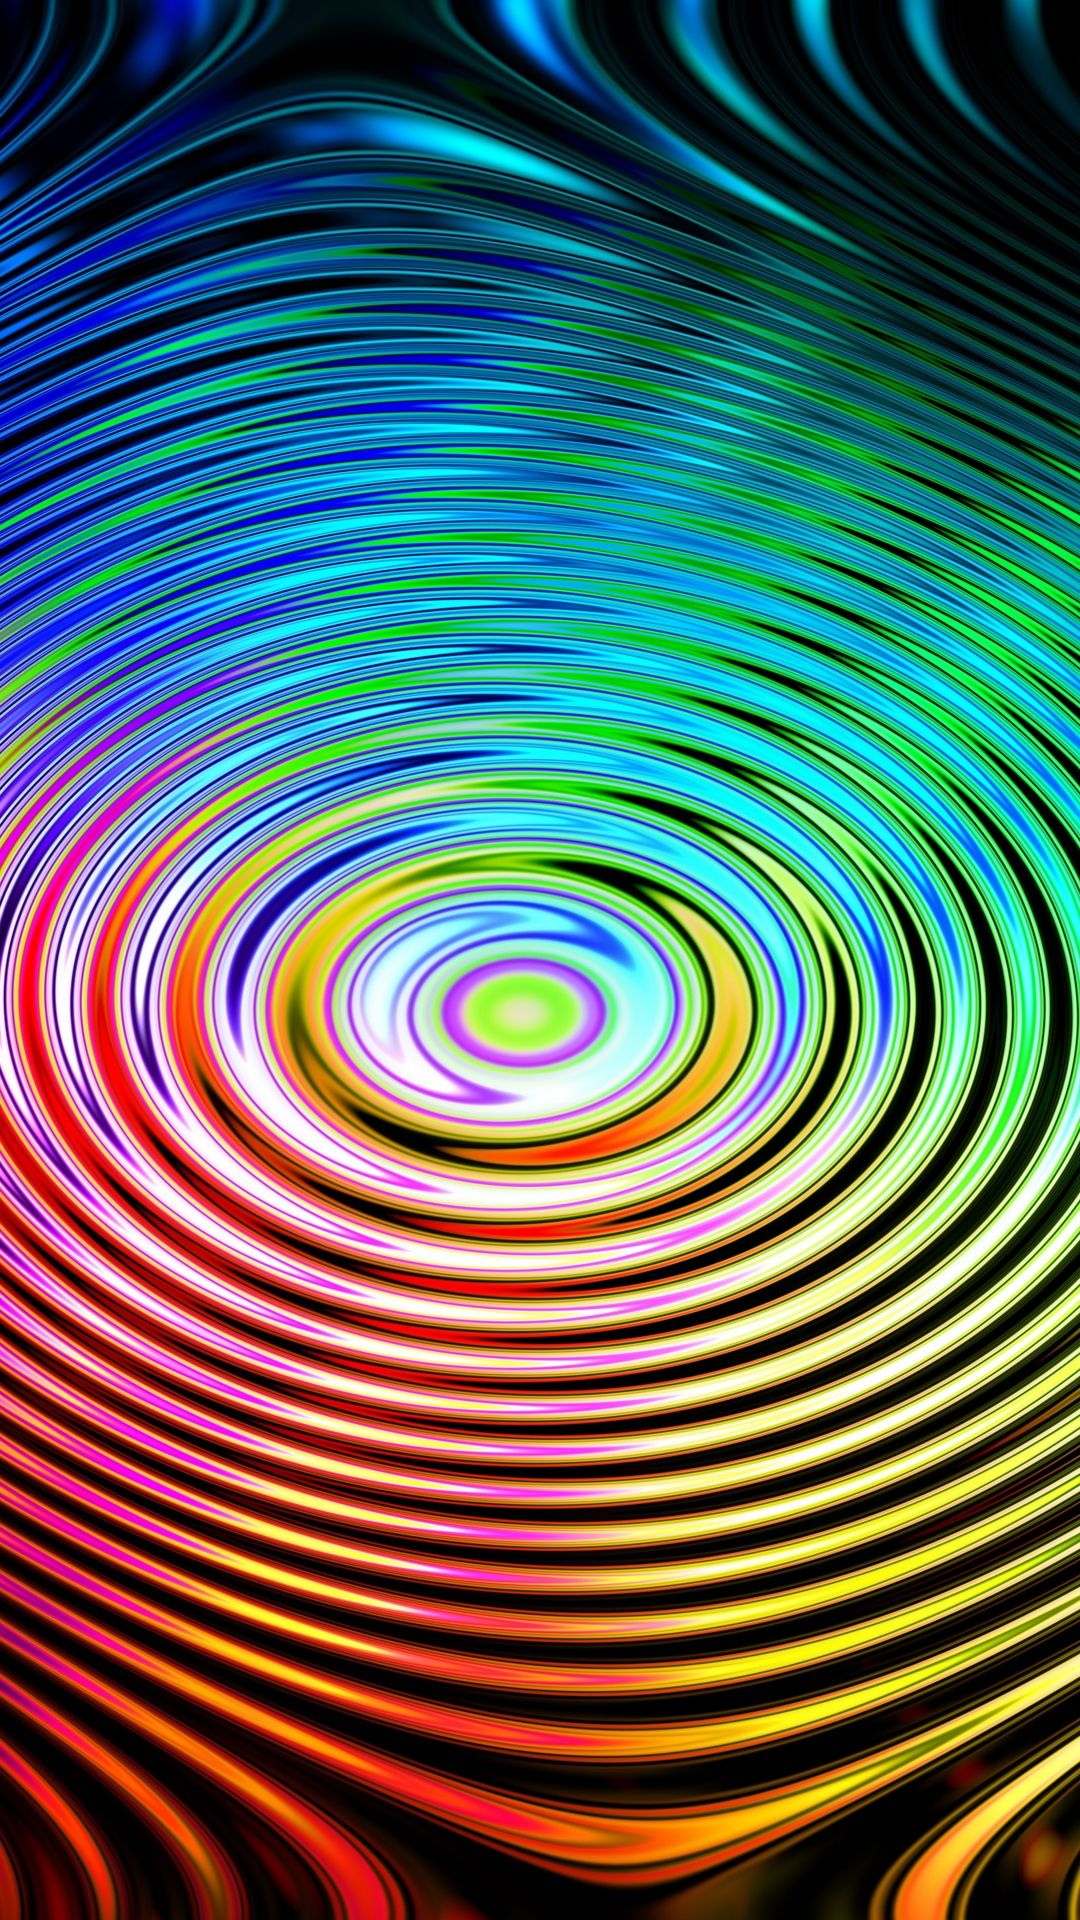 3X Circles, Colorful, Wavy Wallpaper Samsung Galaxy S, Note